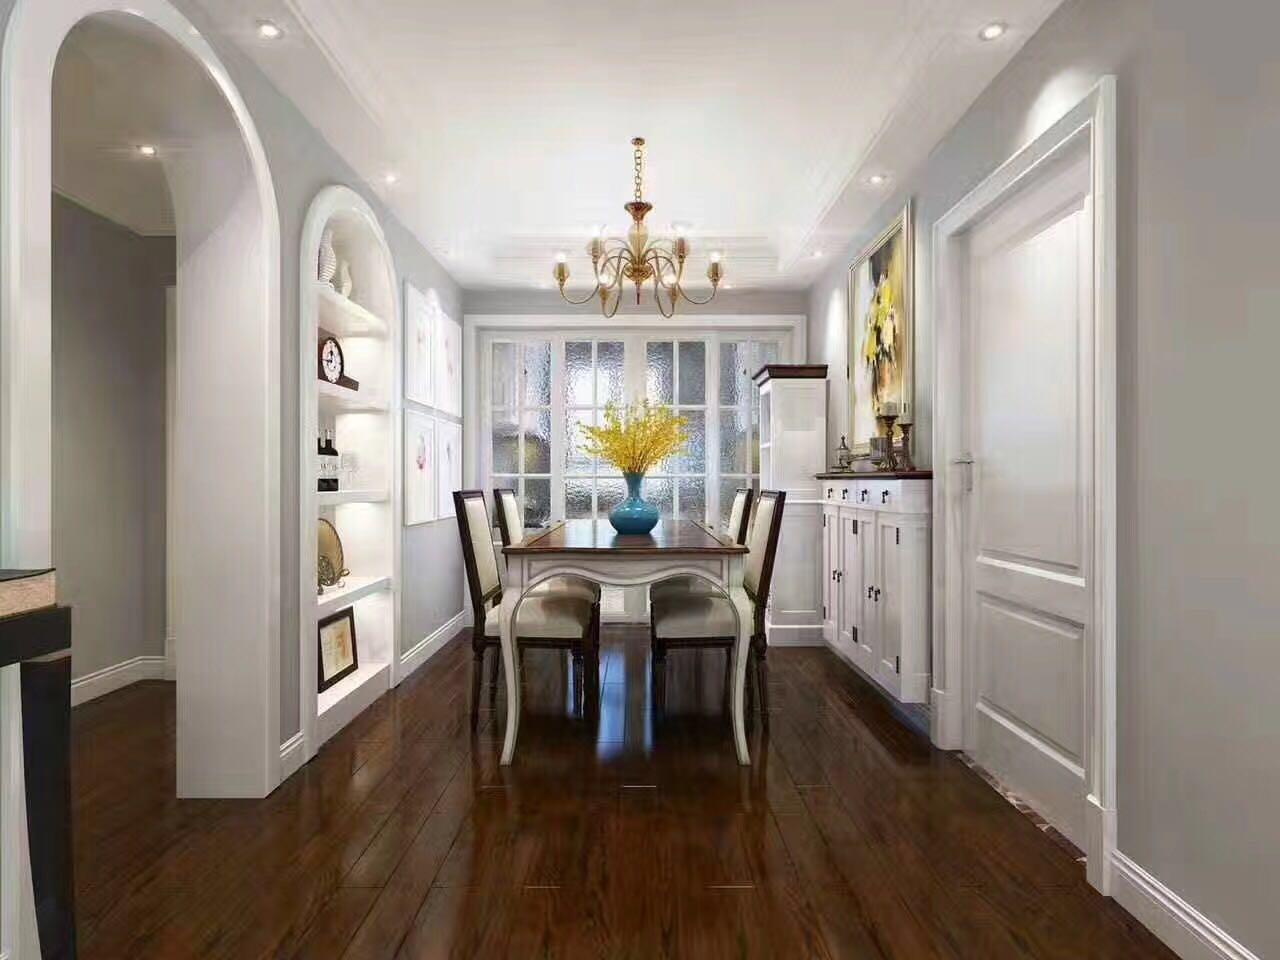 欧式 简约 田园 混搭 二居 三居 别墅 客厅 卧室图片来自方林网销13322443562在沈阳装修公司哪家好的分享